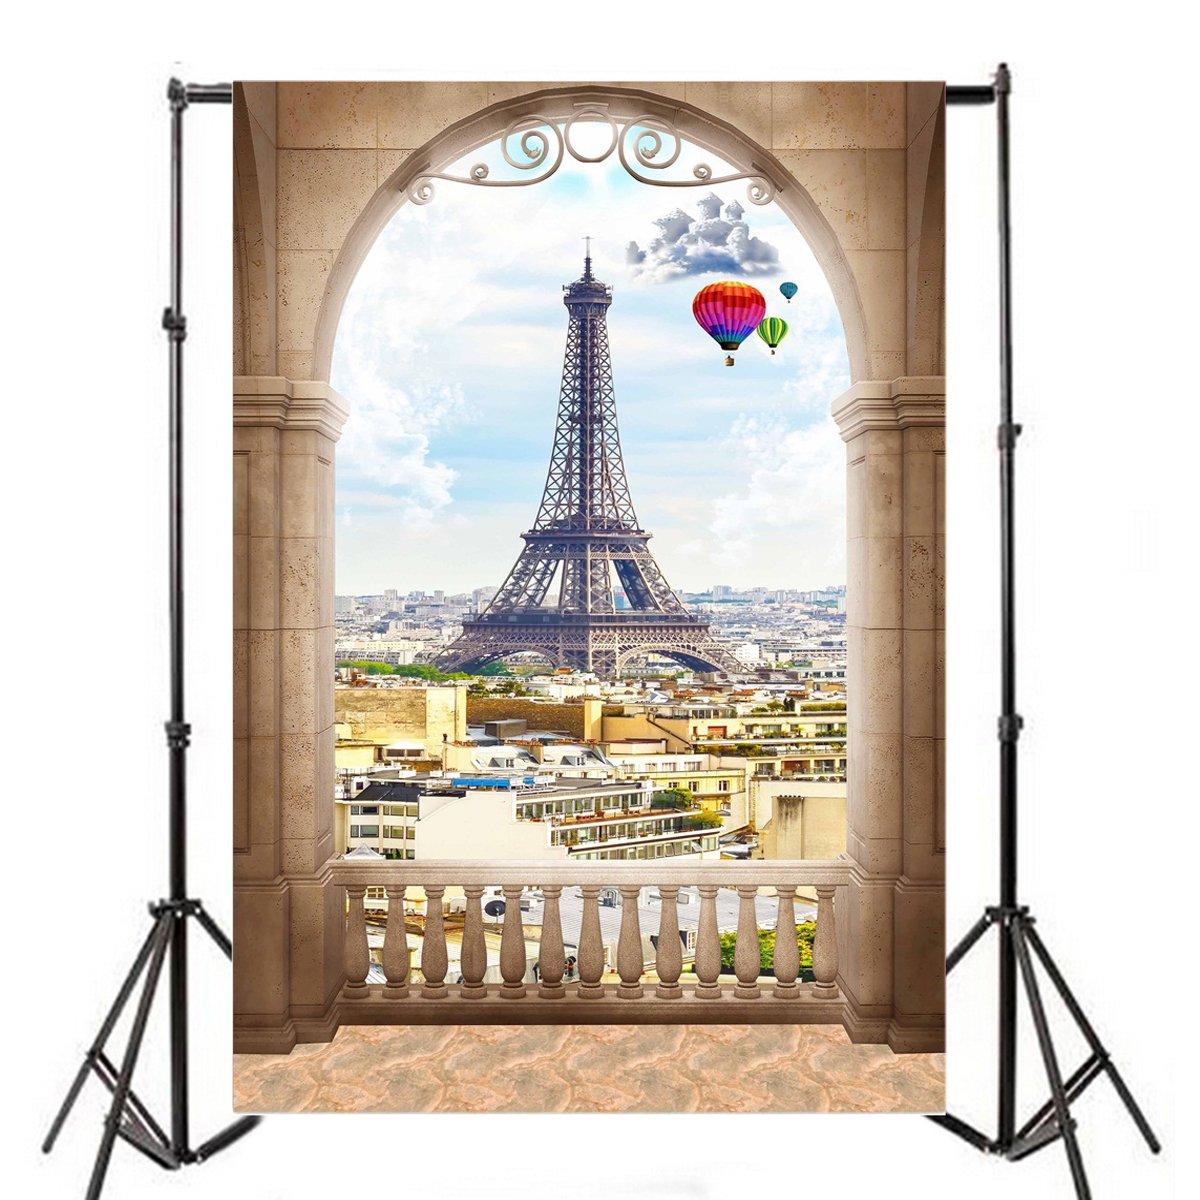 Yeele 5x7フィート アーチウィンドウ パリ 都市景色 写真背景 ビニール ロマンチック エッフェル塔 村 ストーン バラスター 写真 背景 大人 恋人 ベビー パーティー ポートレート 写真ブース 撮影 スタジオ 小道具   B07D5D9FL5